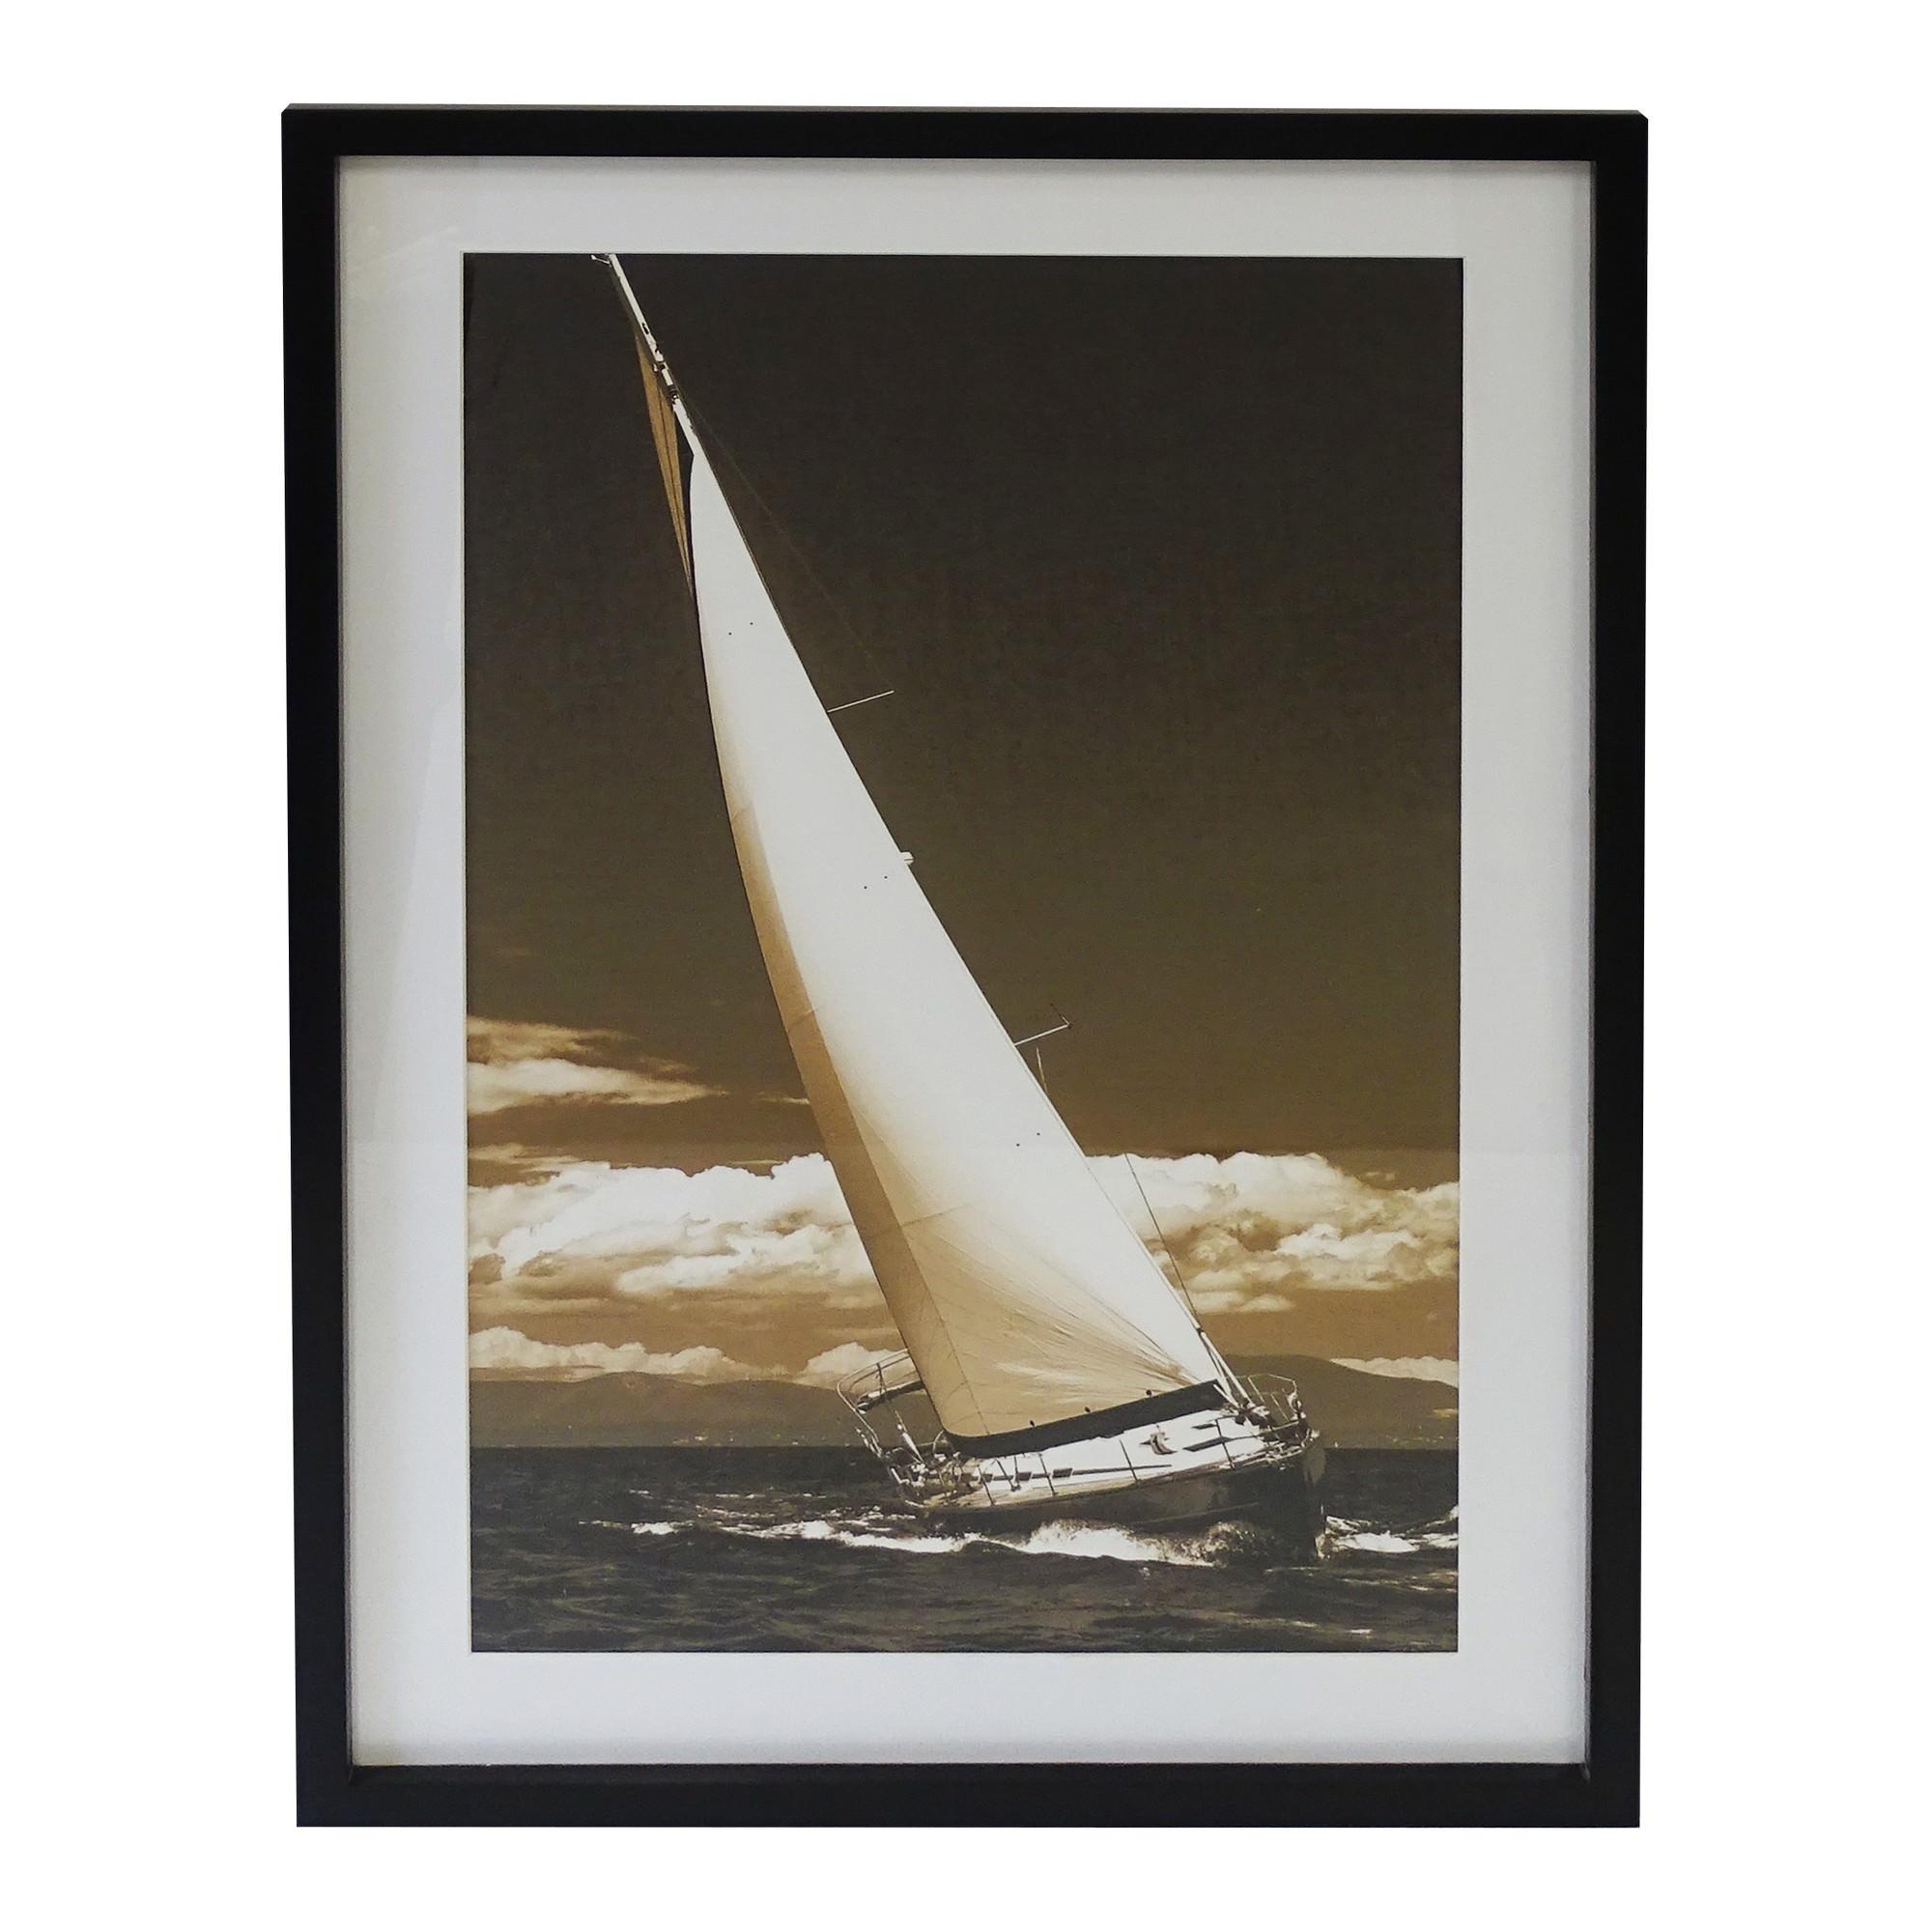 Newport Pine Timber Framed Wall Art Print, 90cm